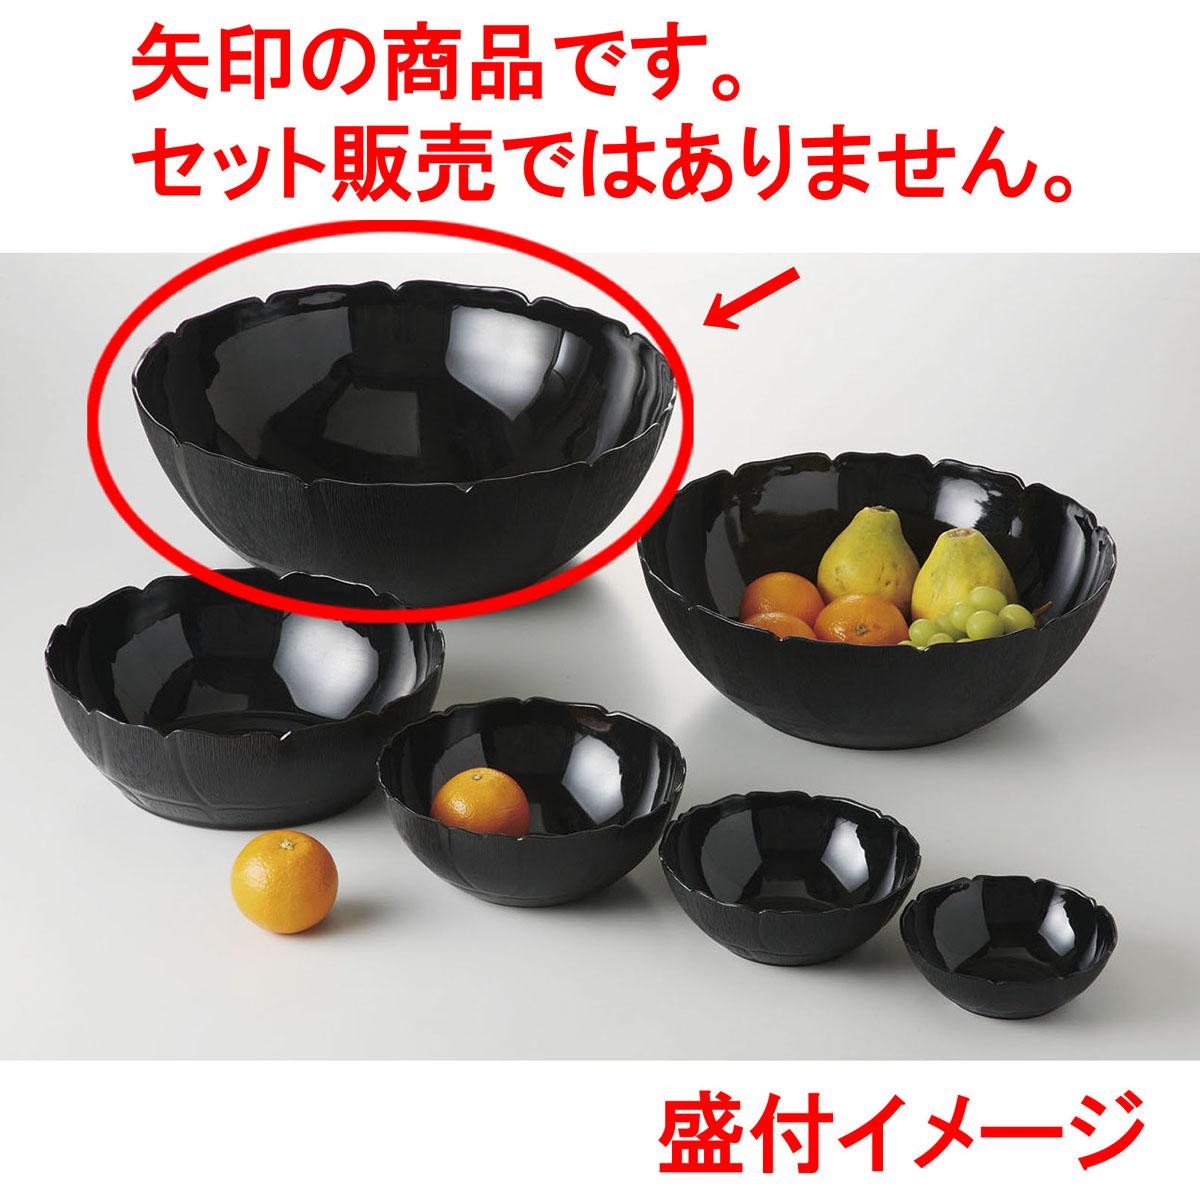 メラミン樹脂 ペタルミスト ボール 45.5 (ブラック) [D45.7 x 15.8 16230cc] (4) USA/食洗機OK 【料亭 旅館 和食器 飲食店 業務用】